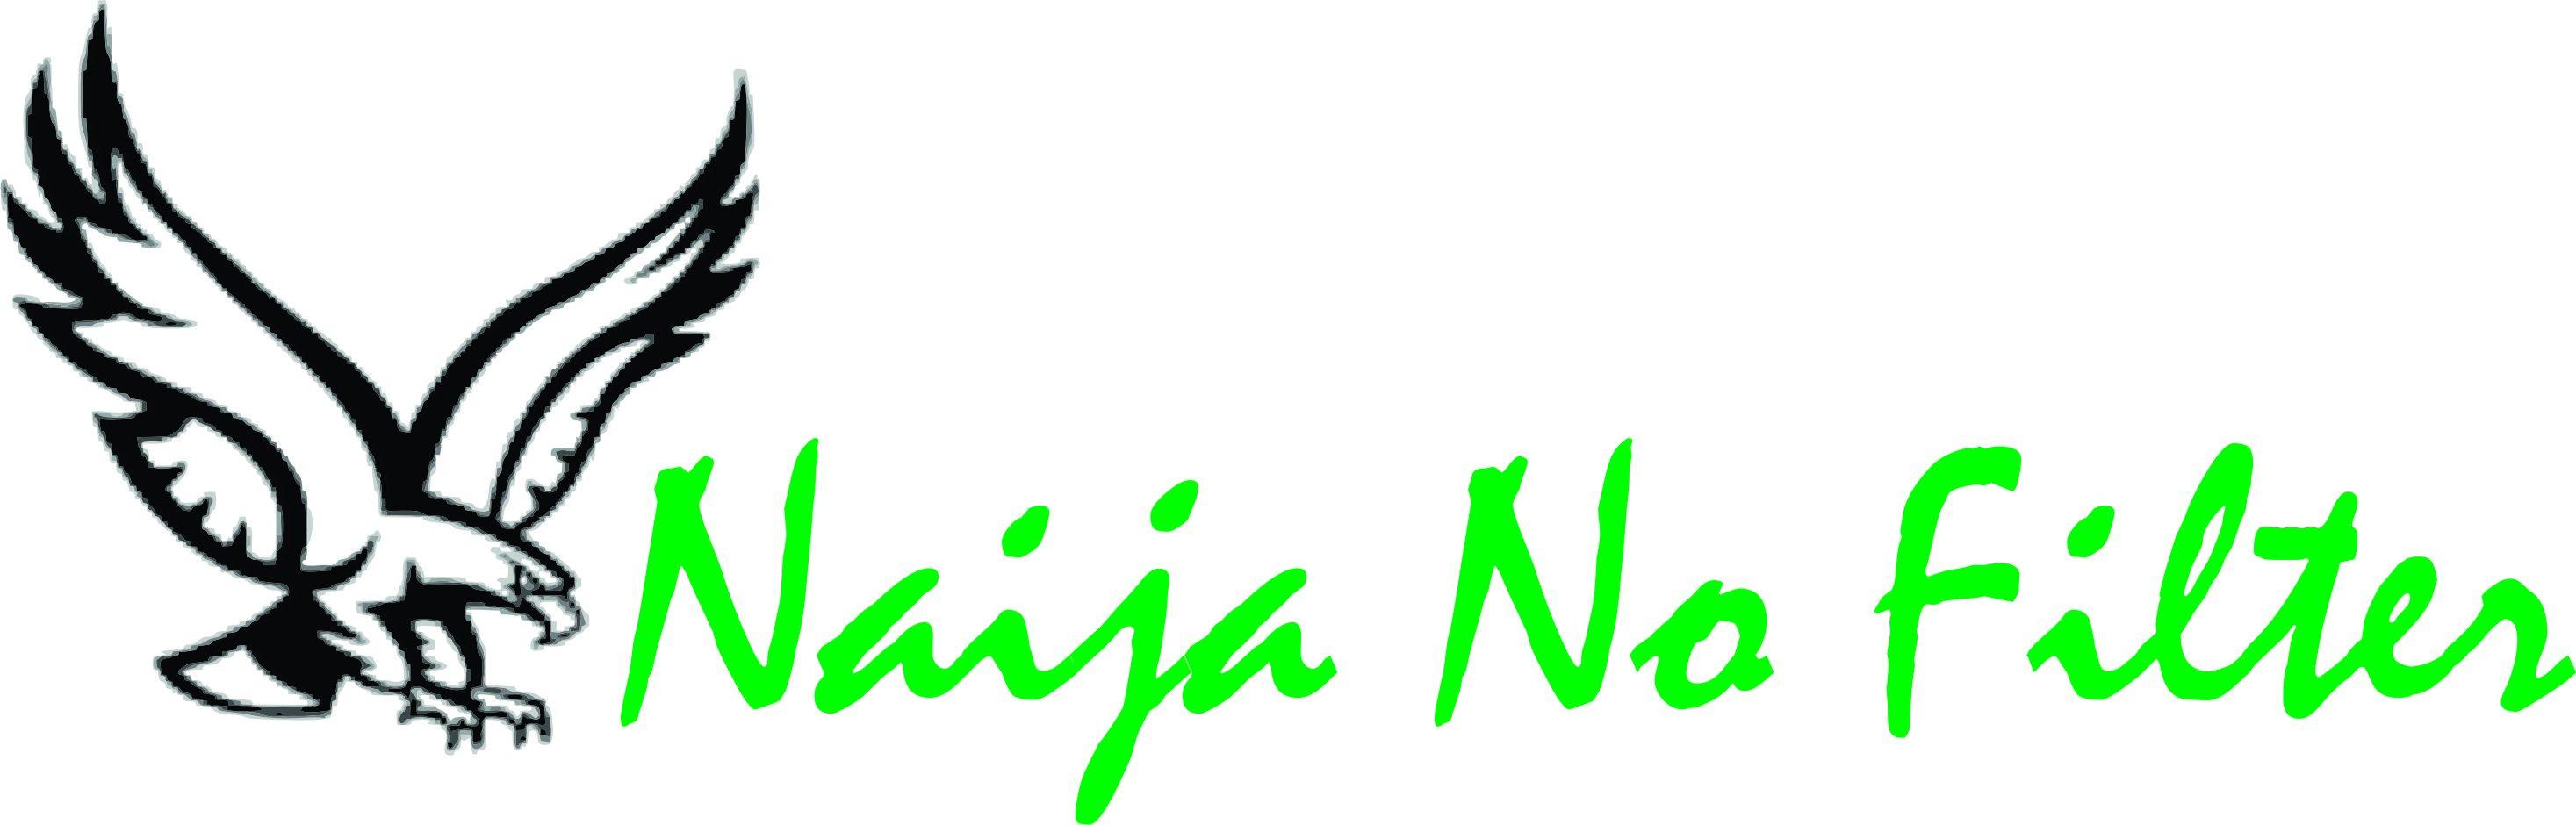 Naija No Filter